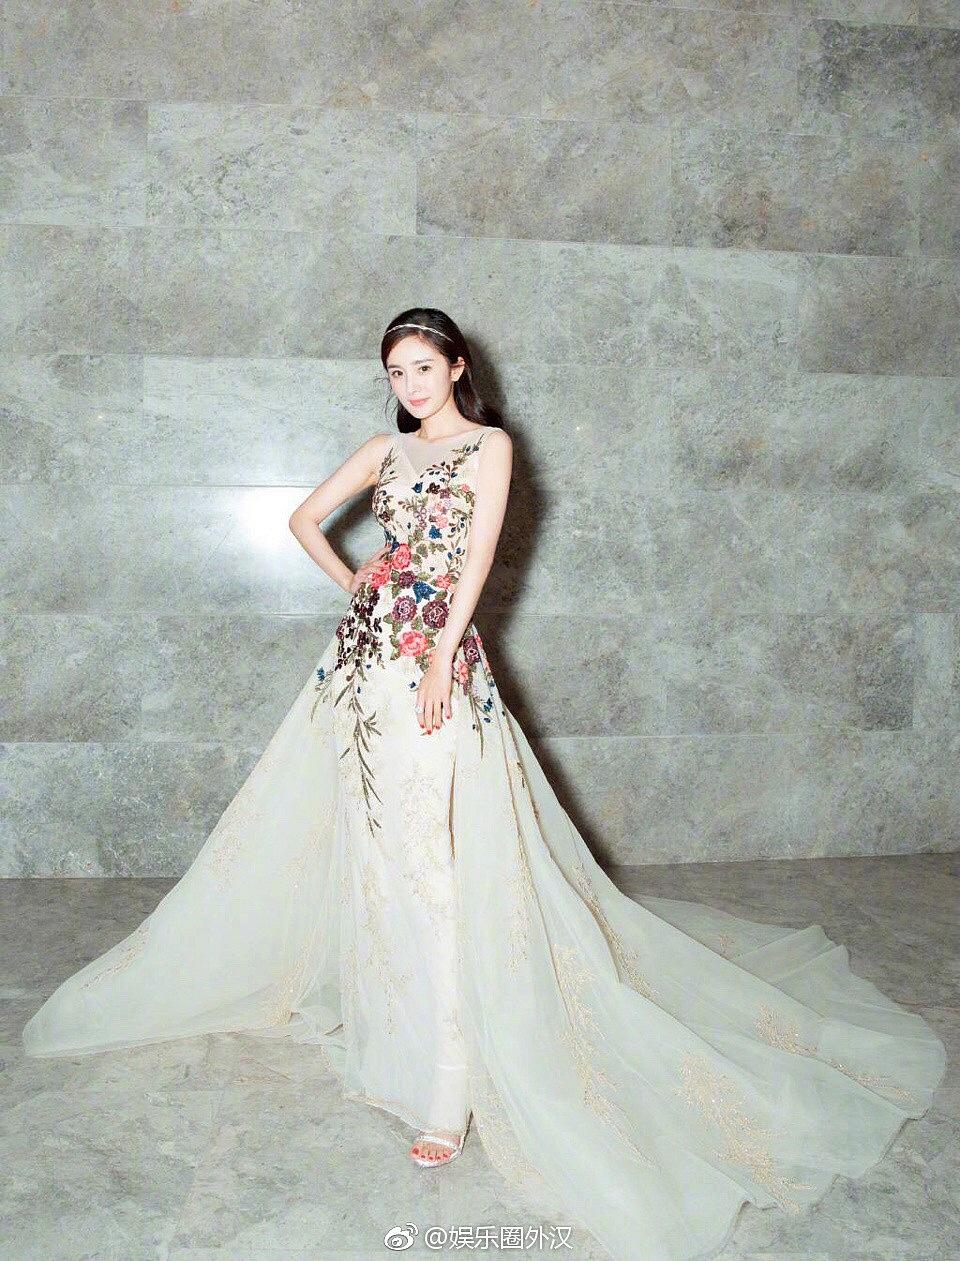 Thảm đỏ Marie Claire: Đường Yên chiếm sóng với chiếc váy đẹp xuất sắc, Lưu Diệc Phi kém sang hơn hẳn Dương Mịch - Angela Baby